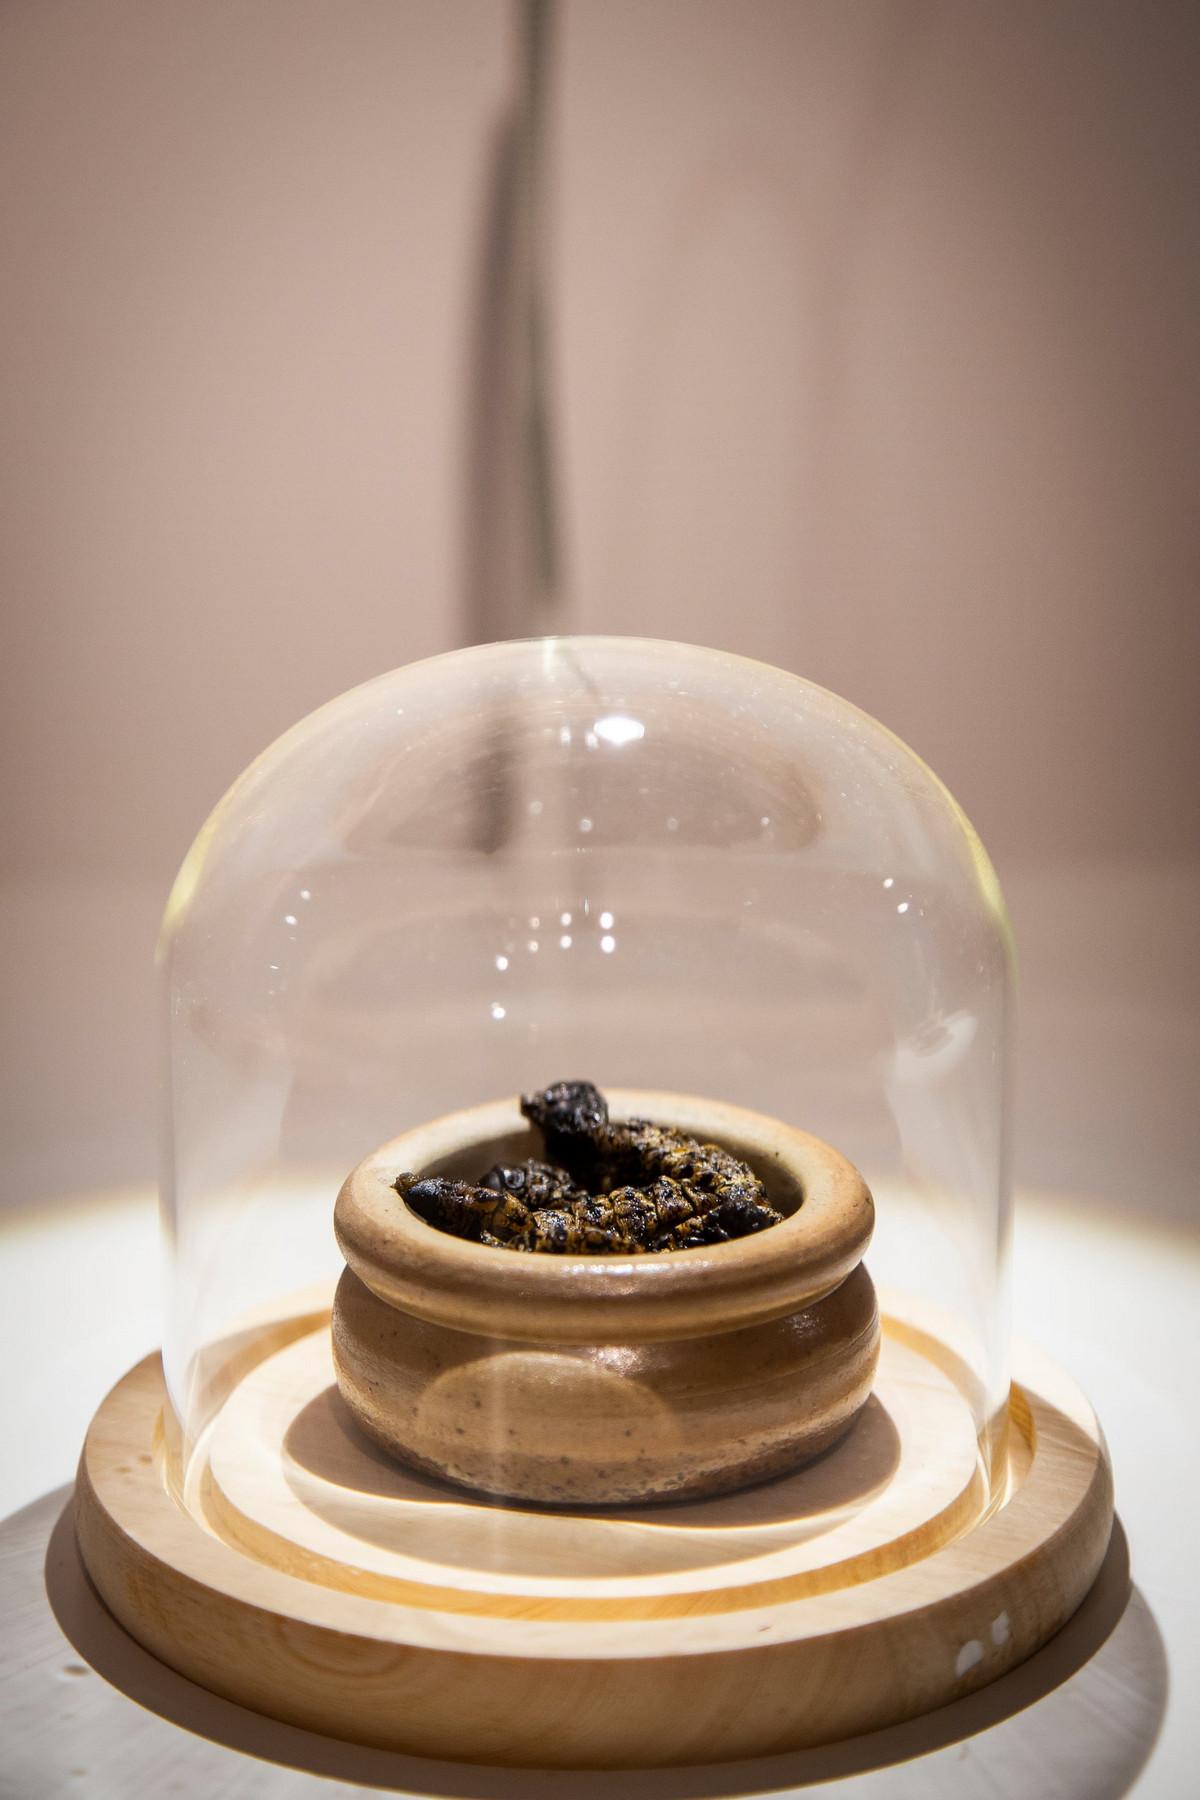 disgusting food museum 5 - Пенис быка, жареные летучие мыши и корейское вино из кала: чем может порадовать музей отвратительной еды